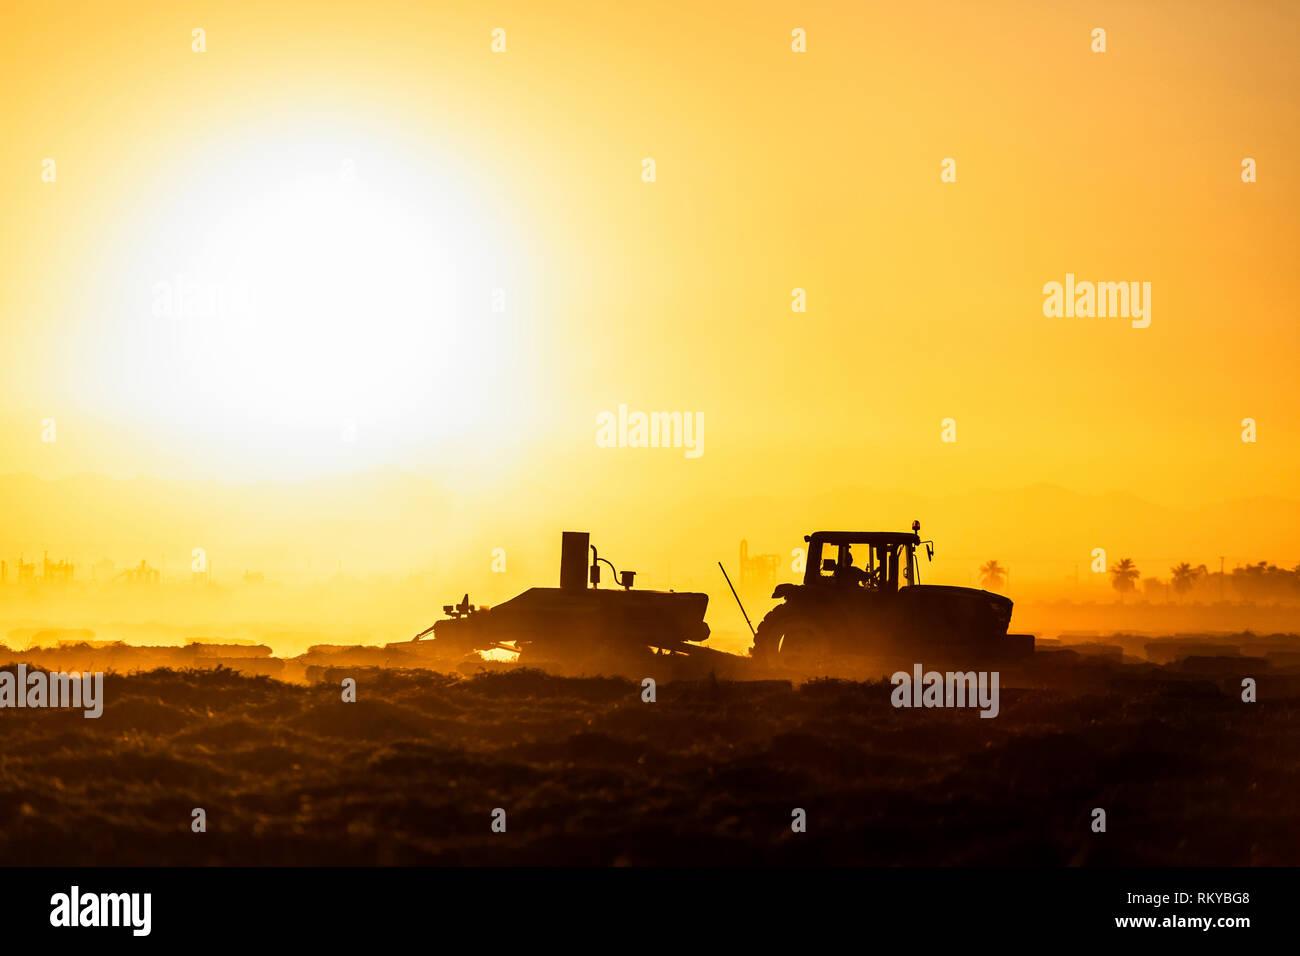 Plan large de l'agriculture d'une silhouette de tracteur au lever du soleil. Banque D'Images